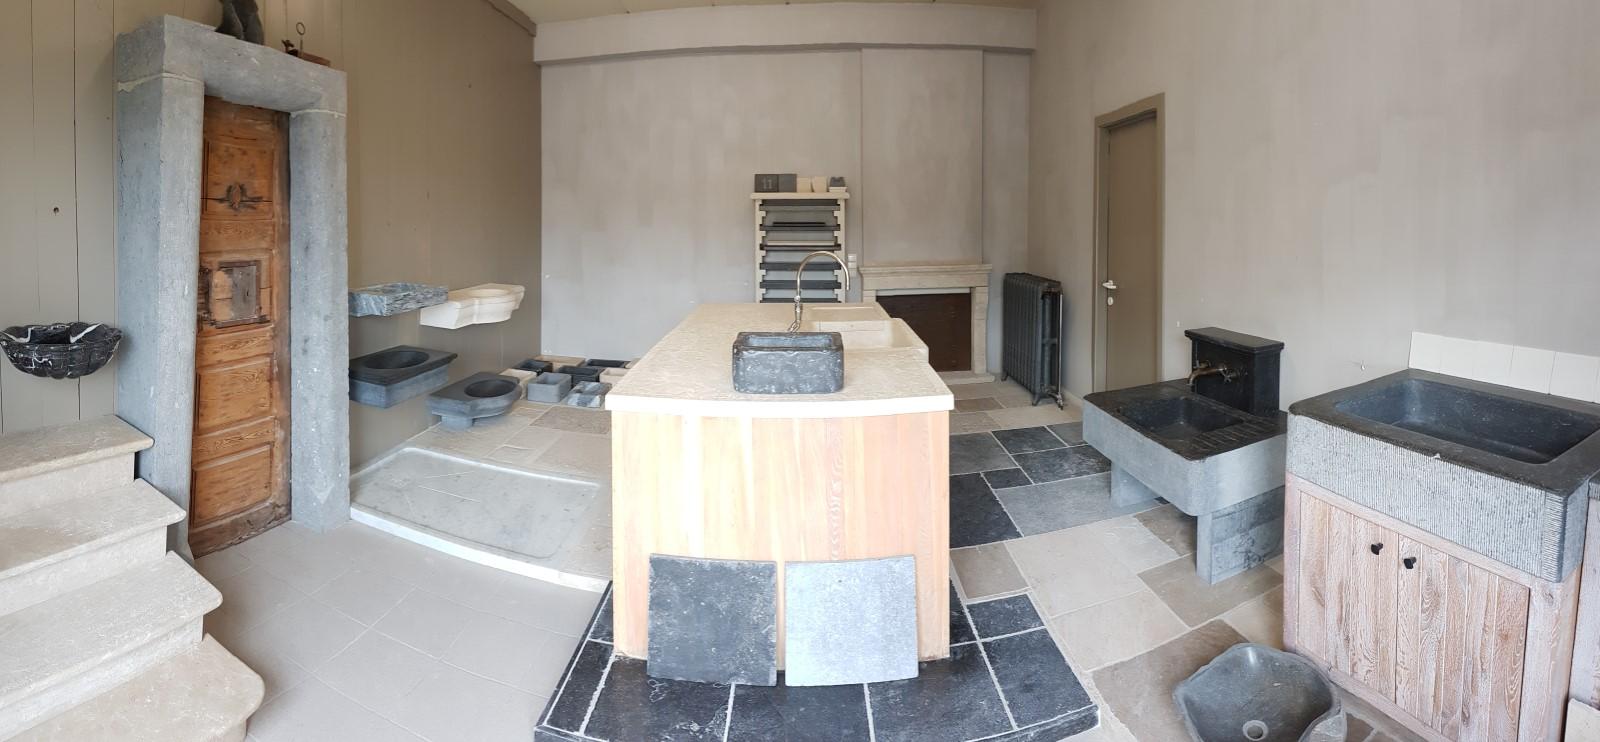 Het Bourgondisch Huis In Geel Met Openingsuren Steenkapperij Huis Interieur Huis Interieur 2018 [thecoolkids.us]